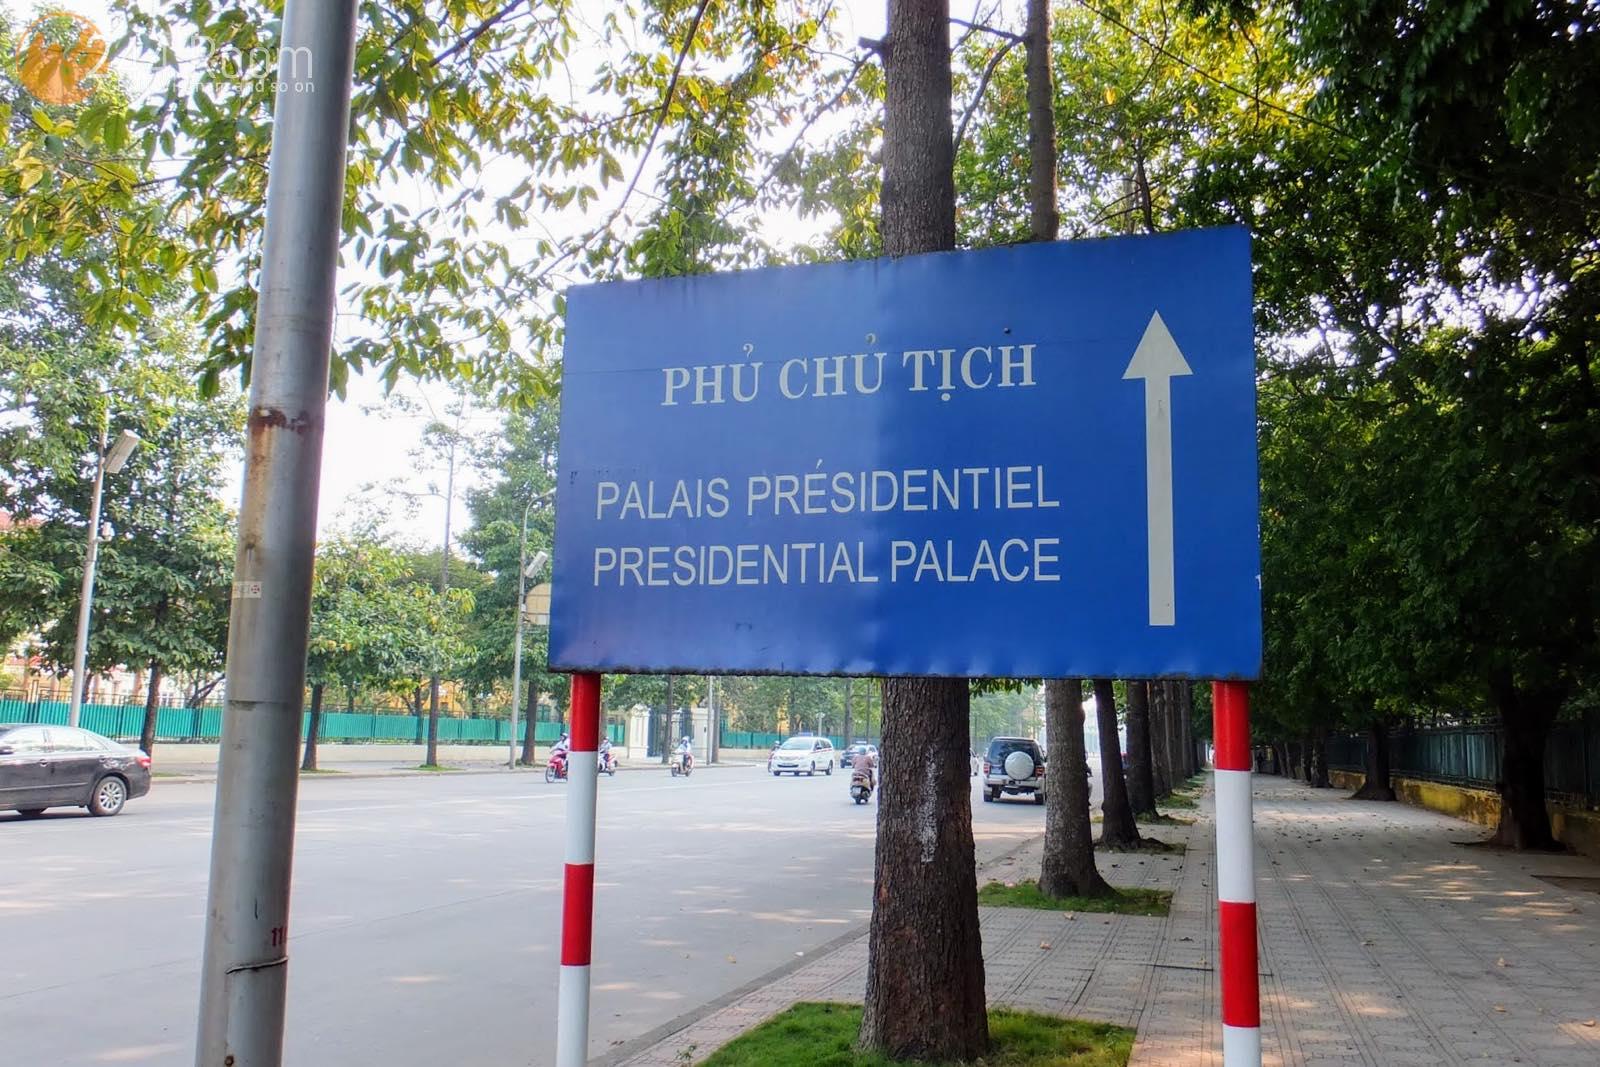 ベトナム大統領府看板 Presidential Palace sign